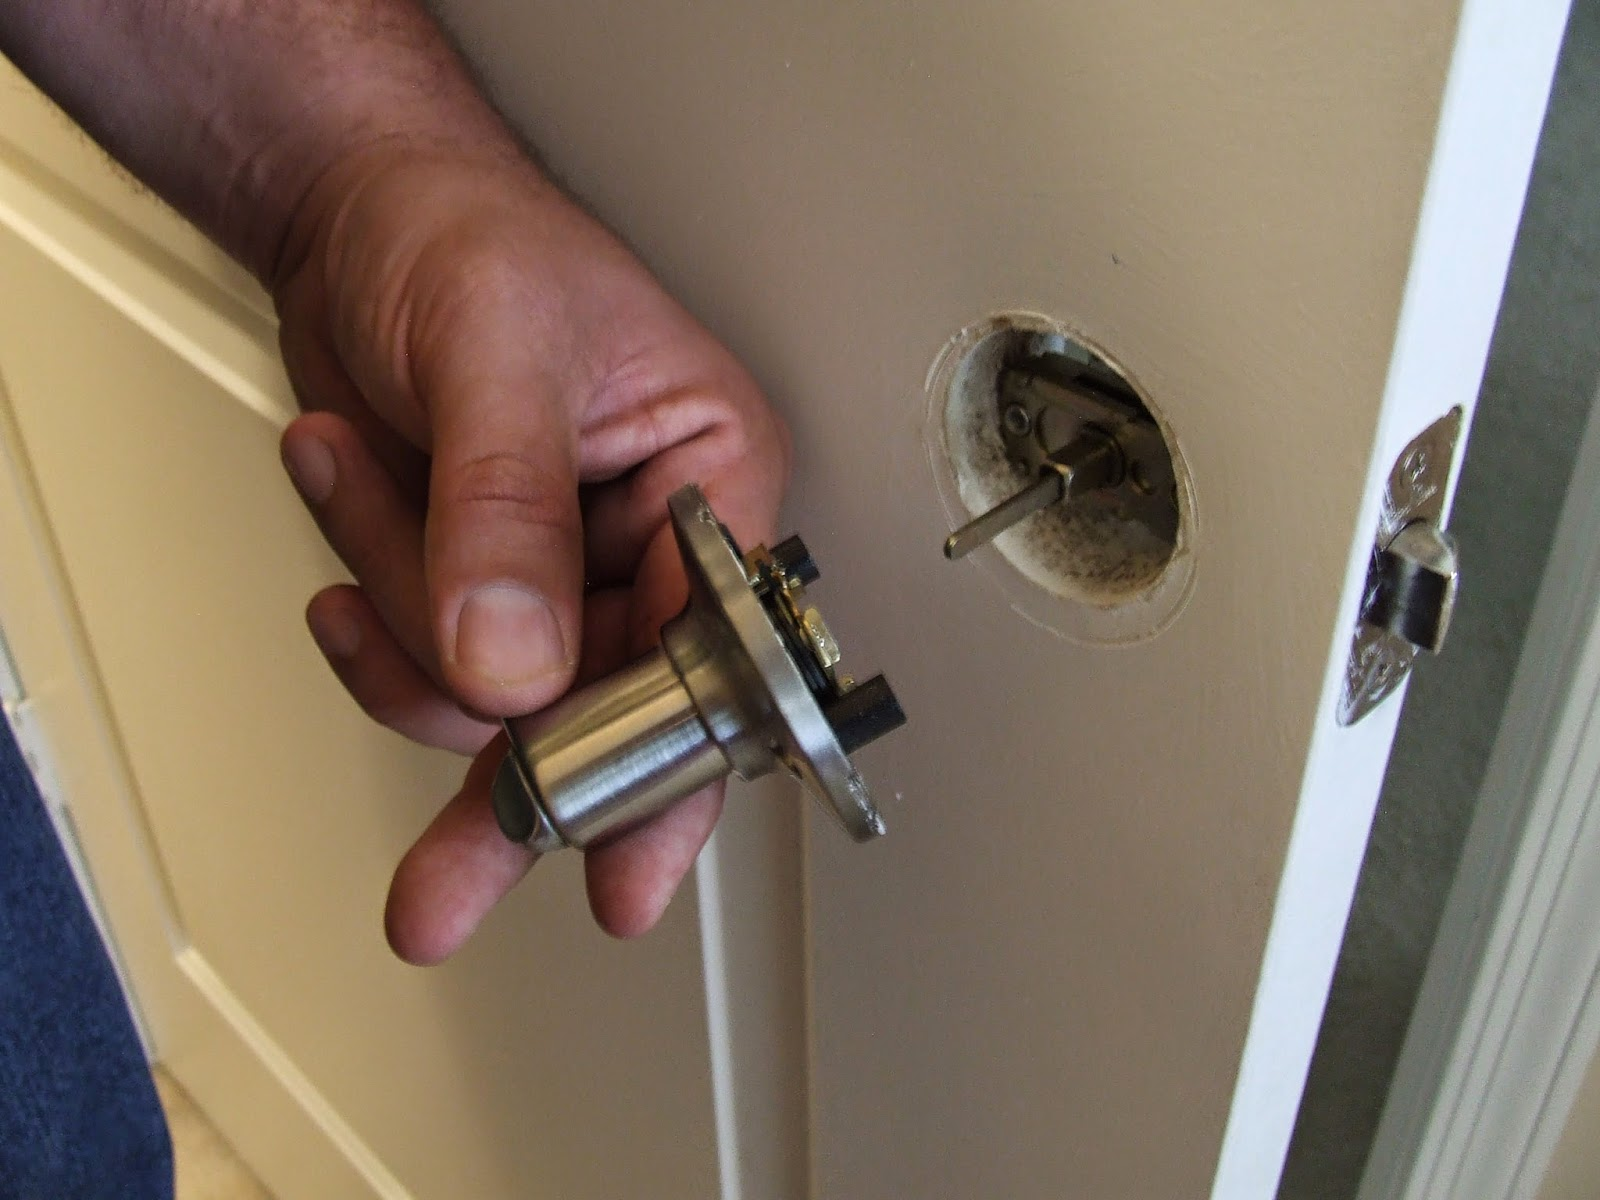 La seguridad de mi casa es un desastre